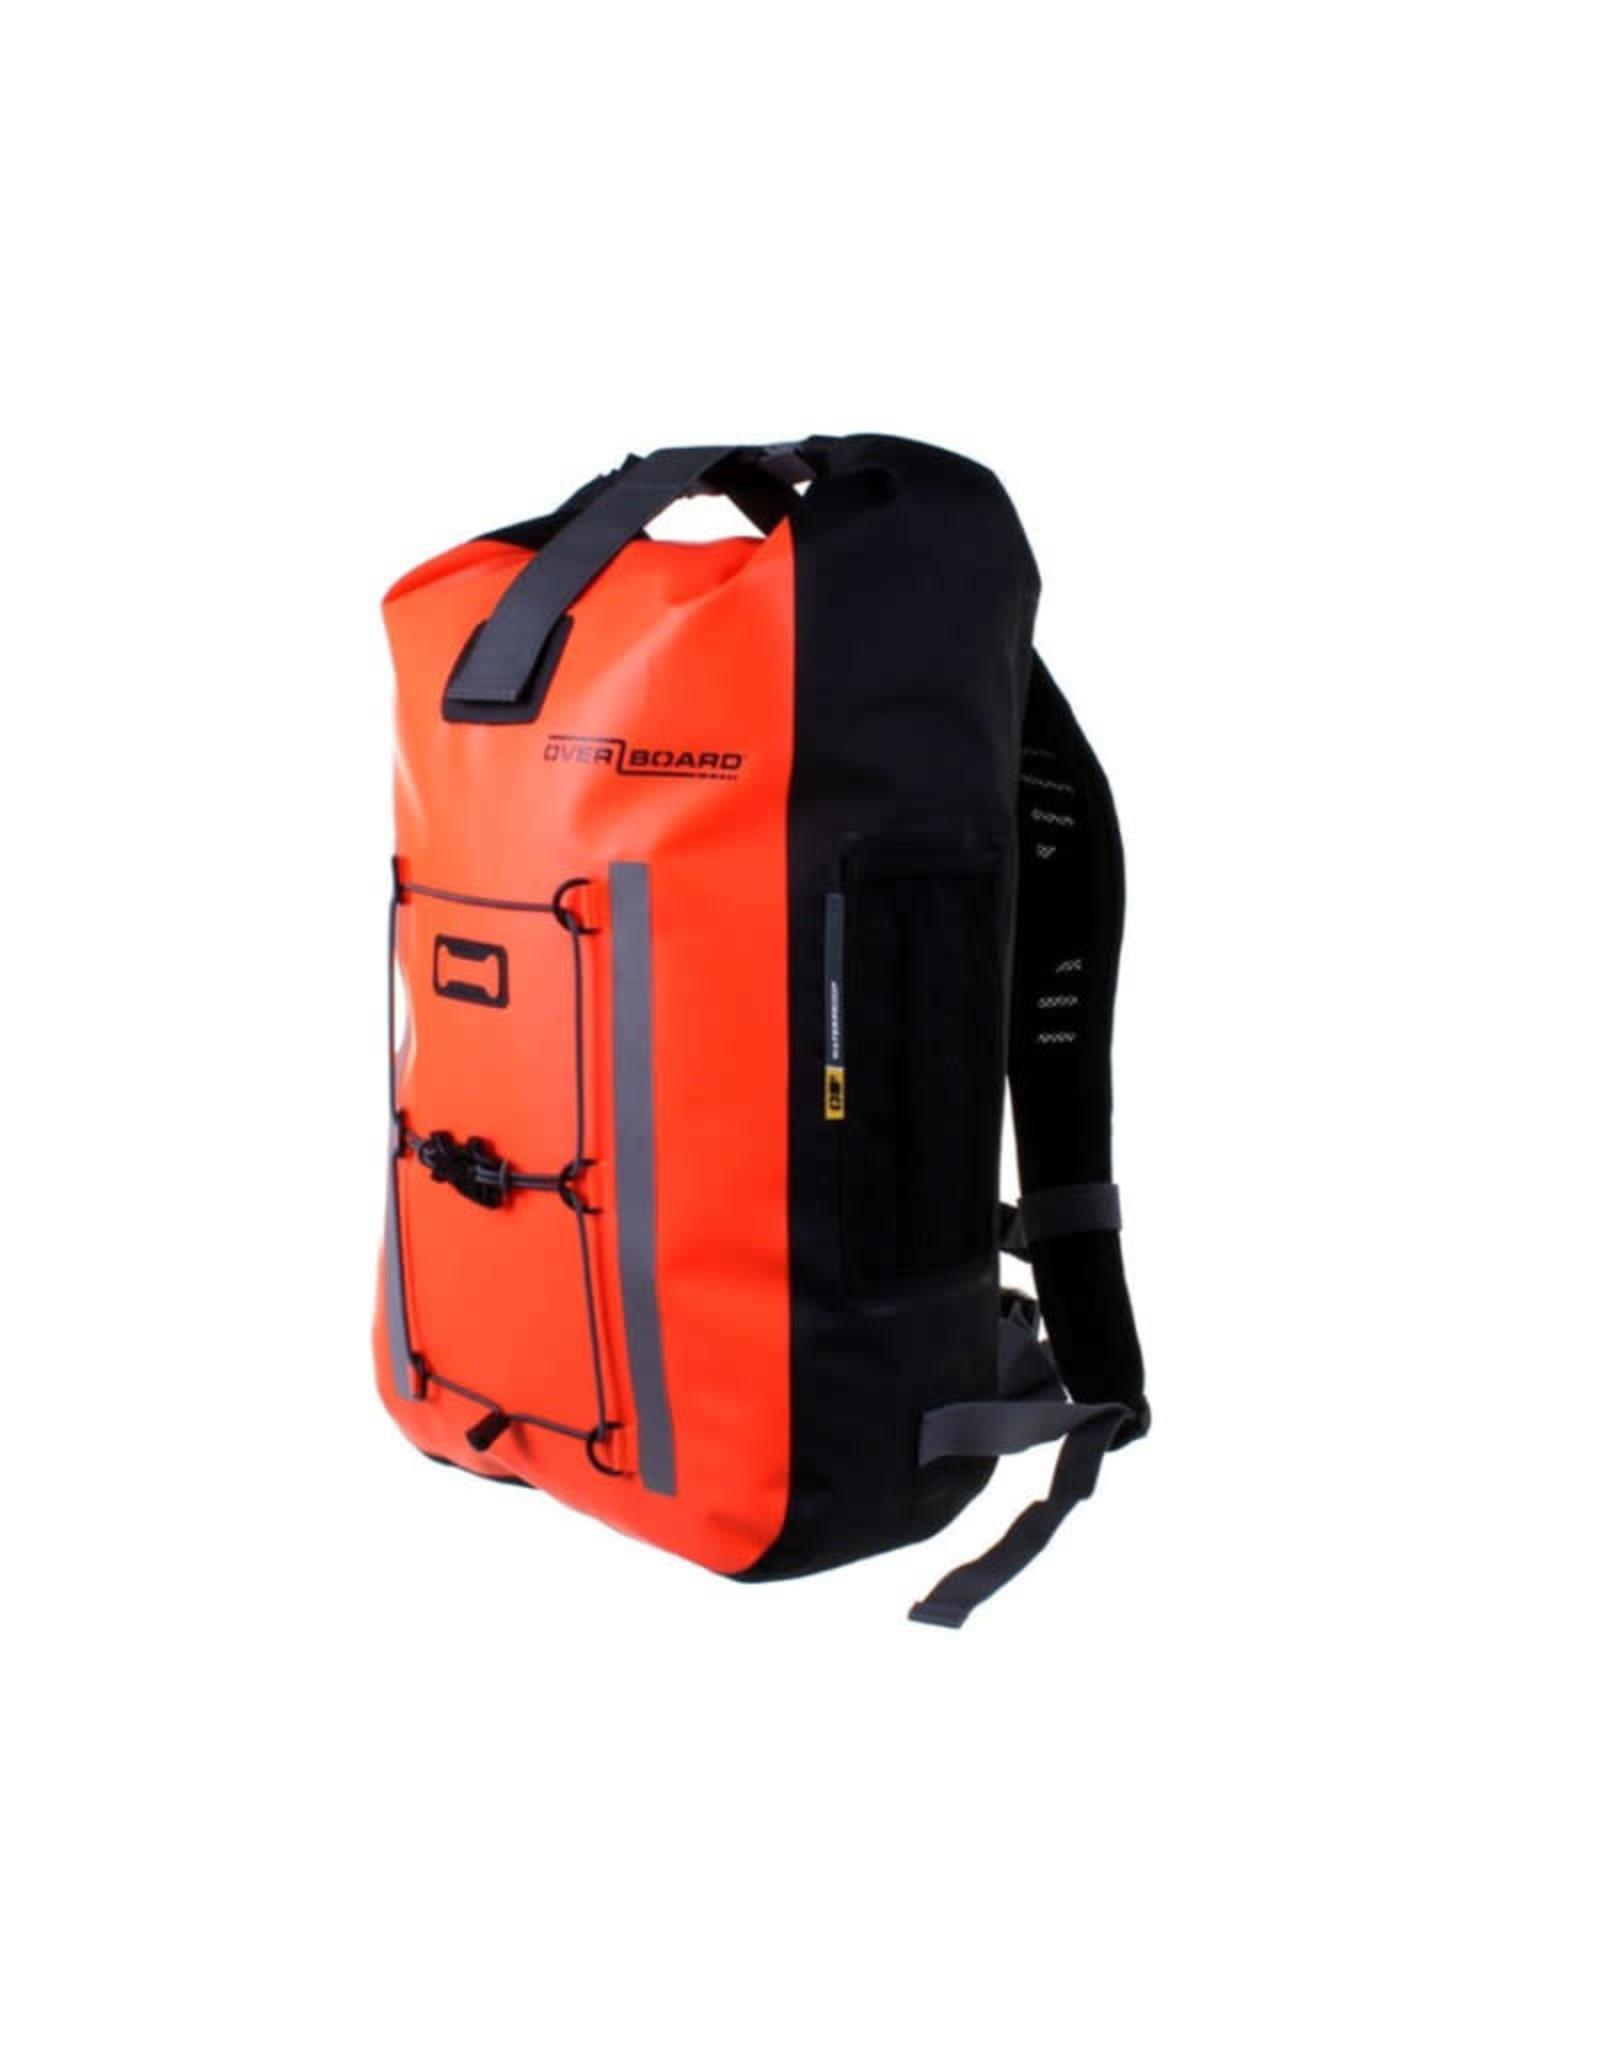 OverBoard waterproof Backpack Pro-Vis 30 Liter Orange